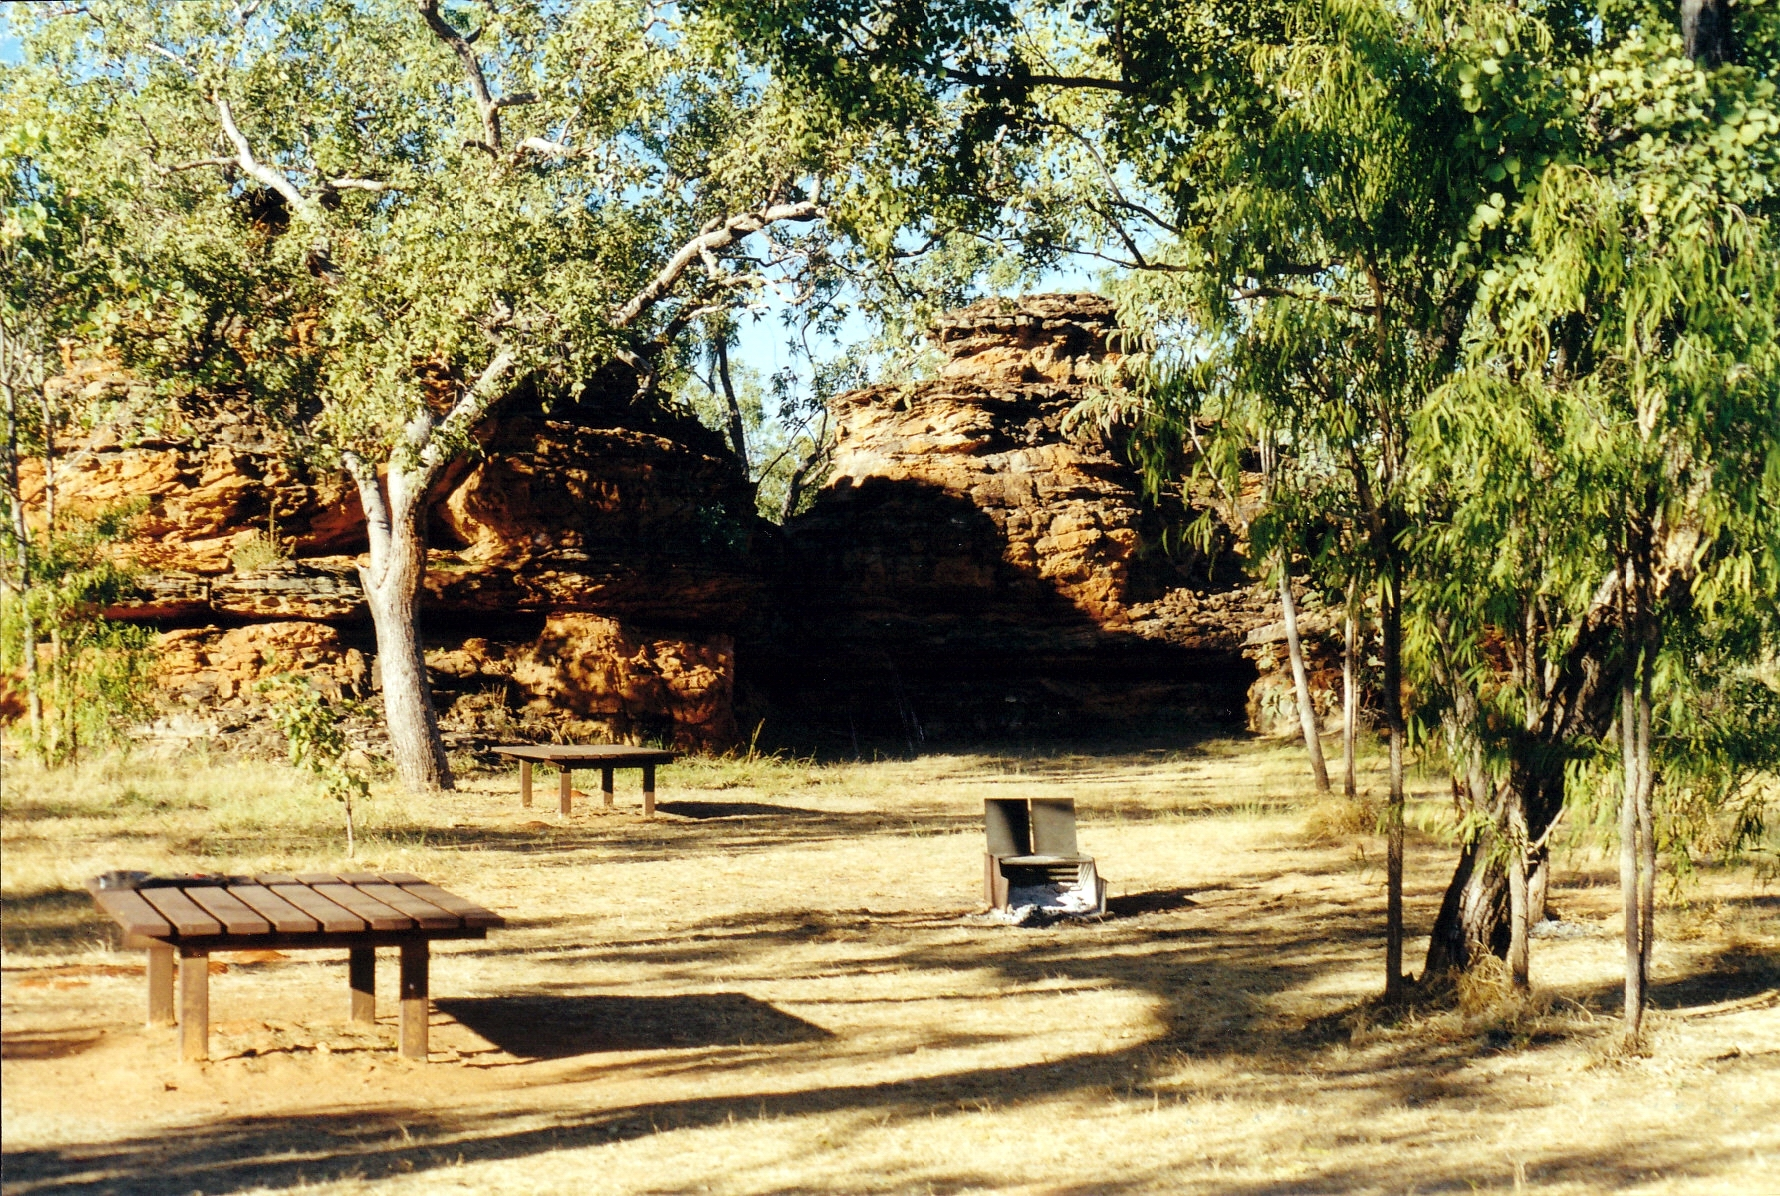 06-24-2000 camp area.jpg